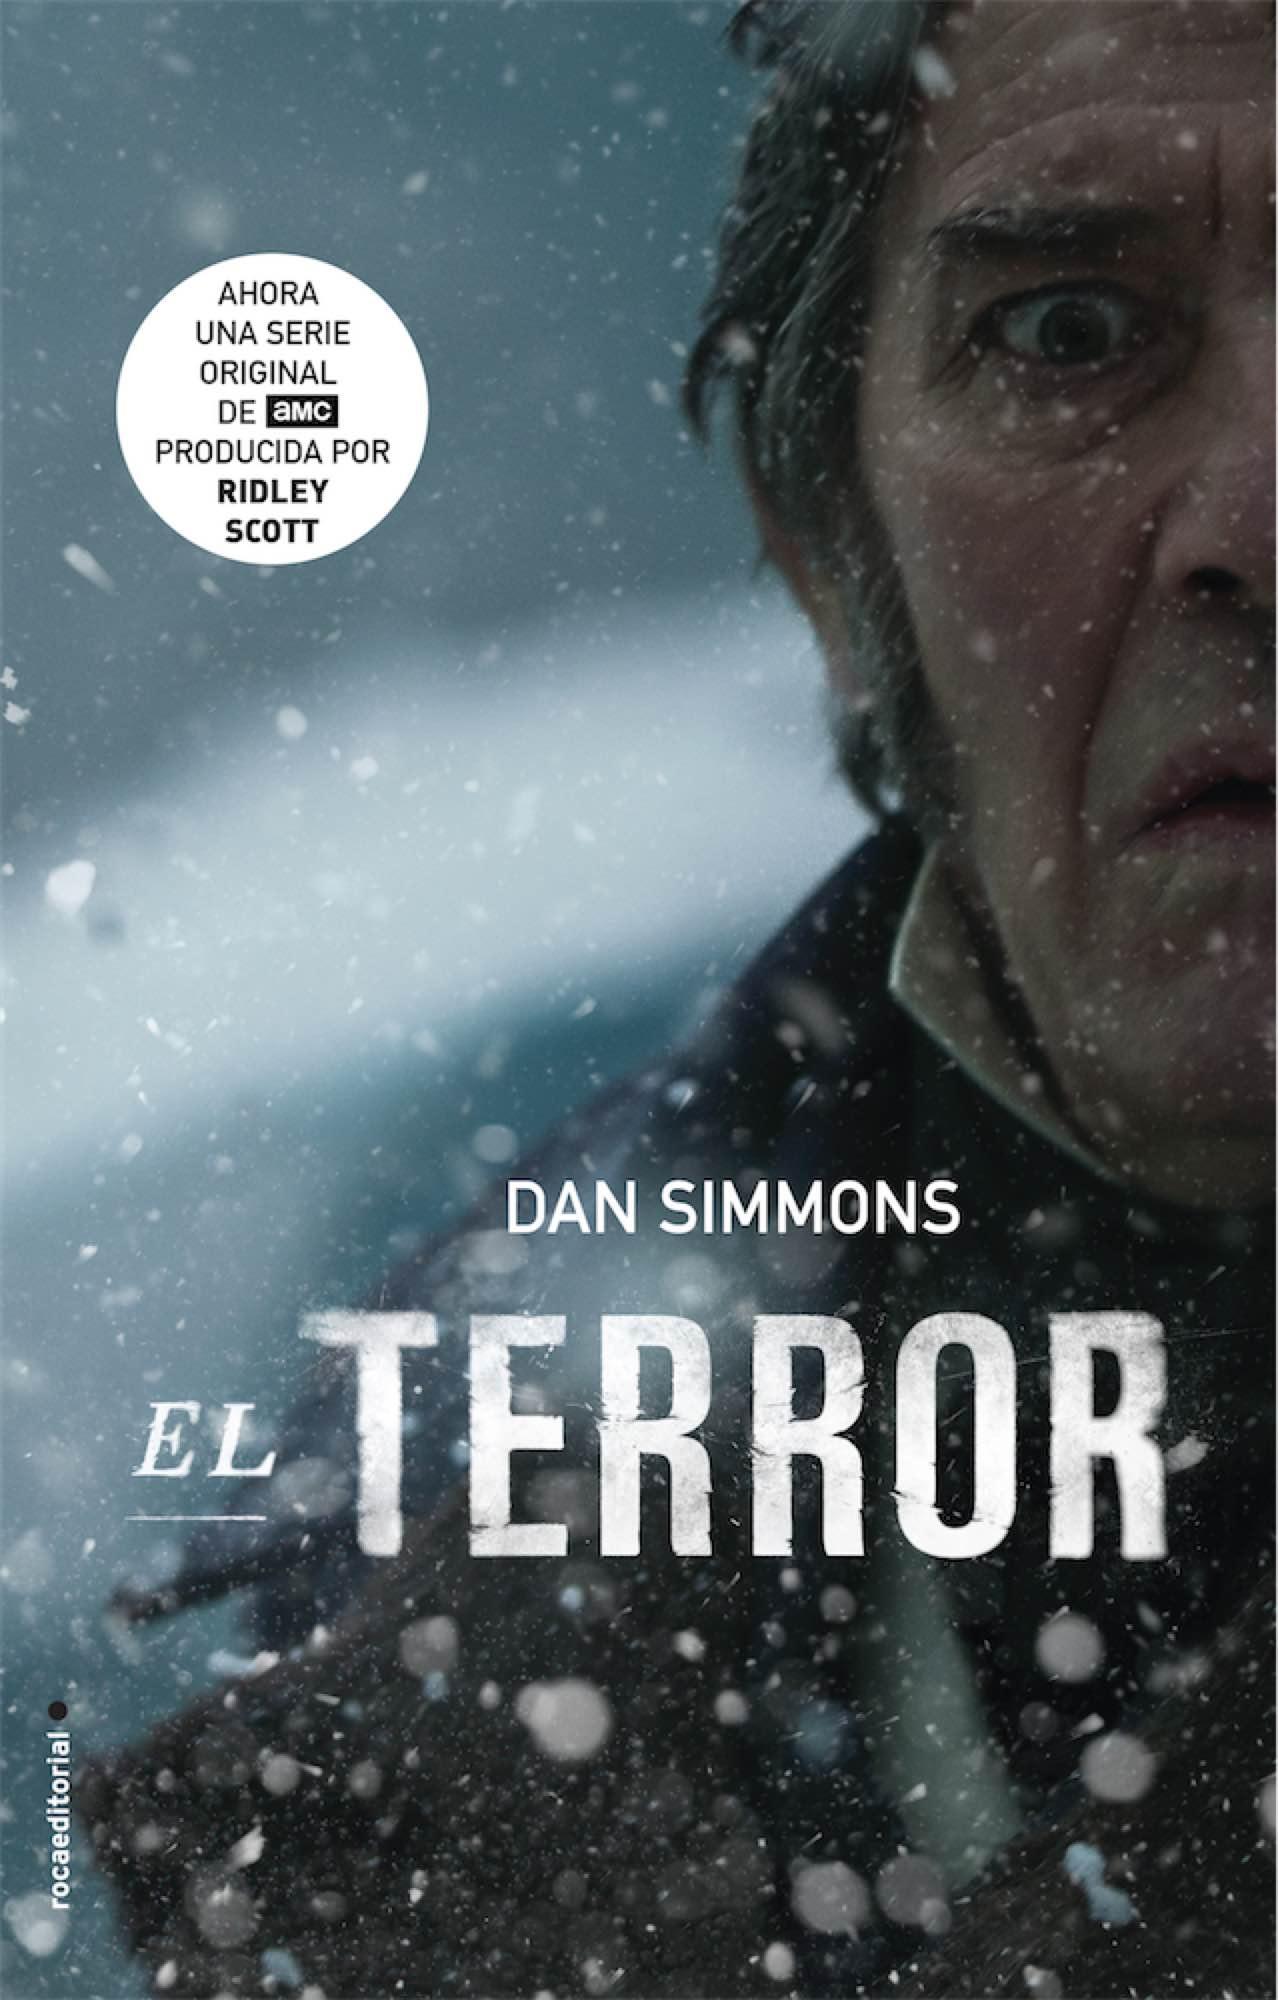 EL TERROR (DAN SIMMONS)